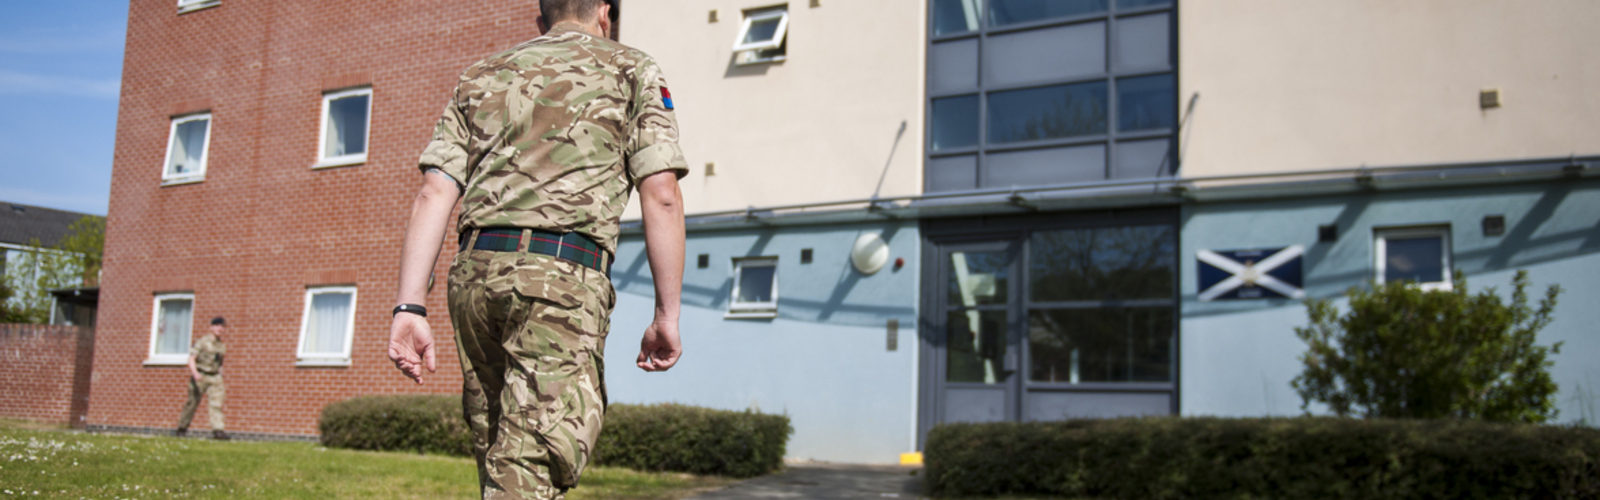 Soldier outside SLA